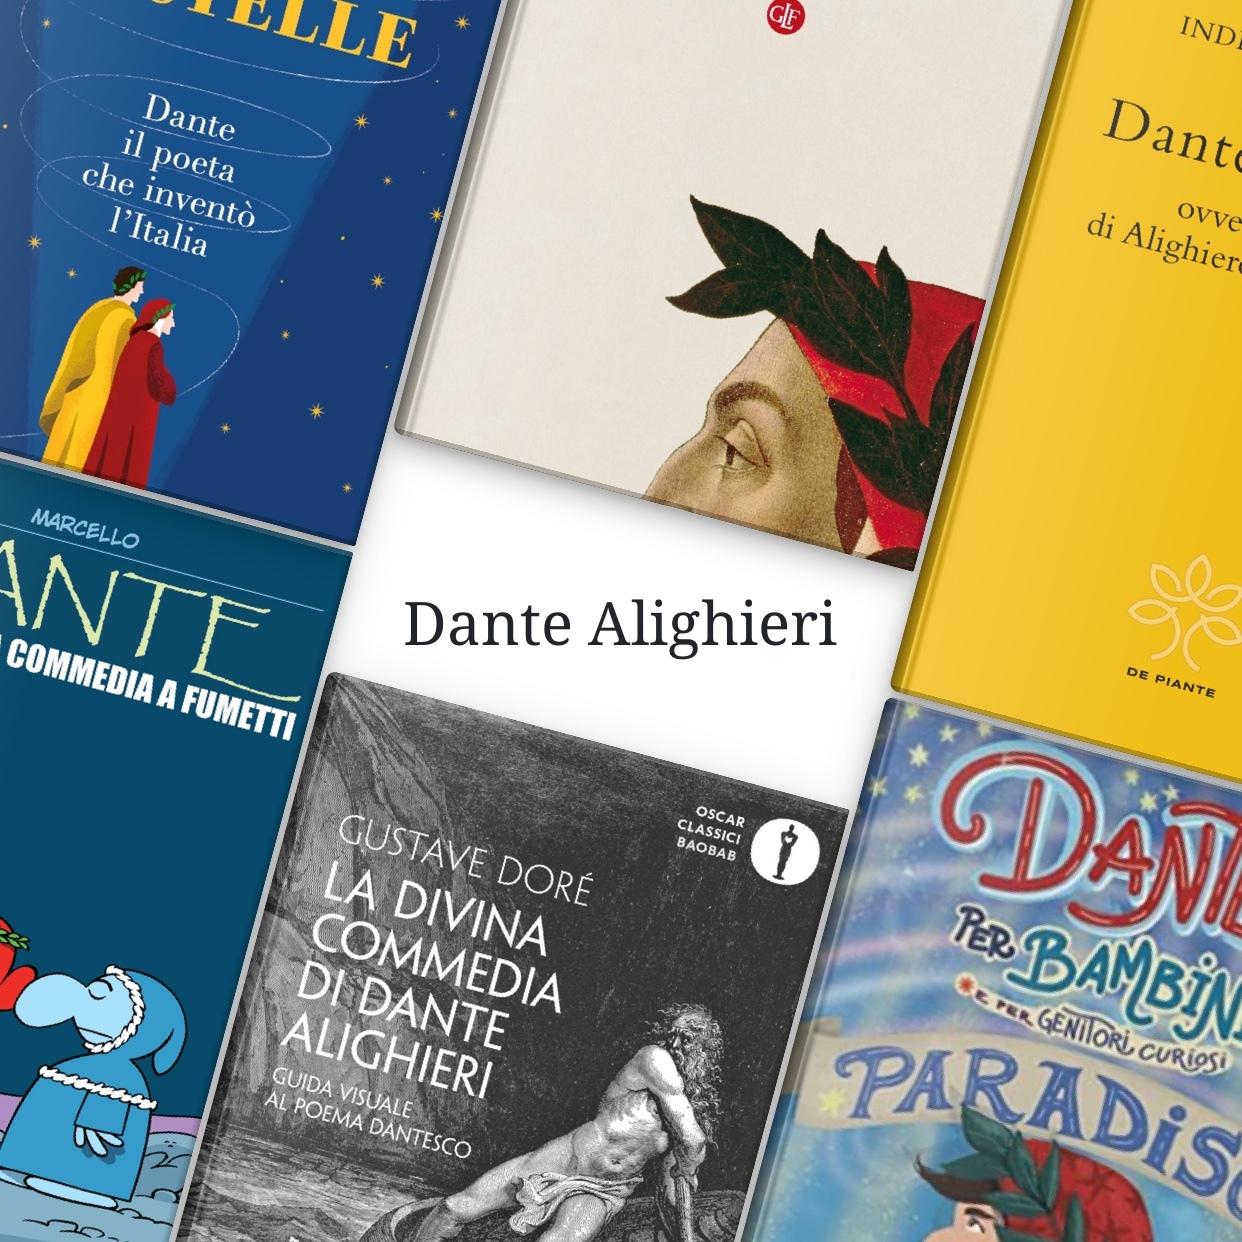 Sette libri per conoscere meglio Dante